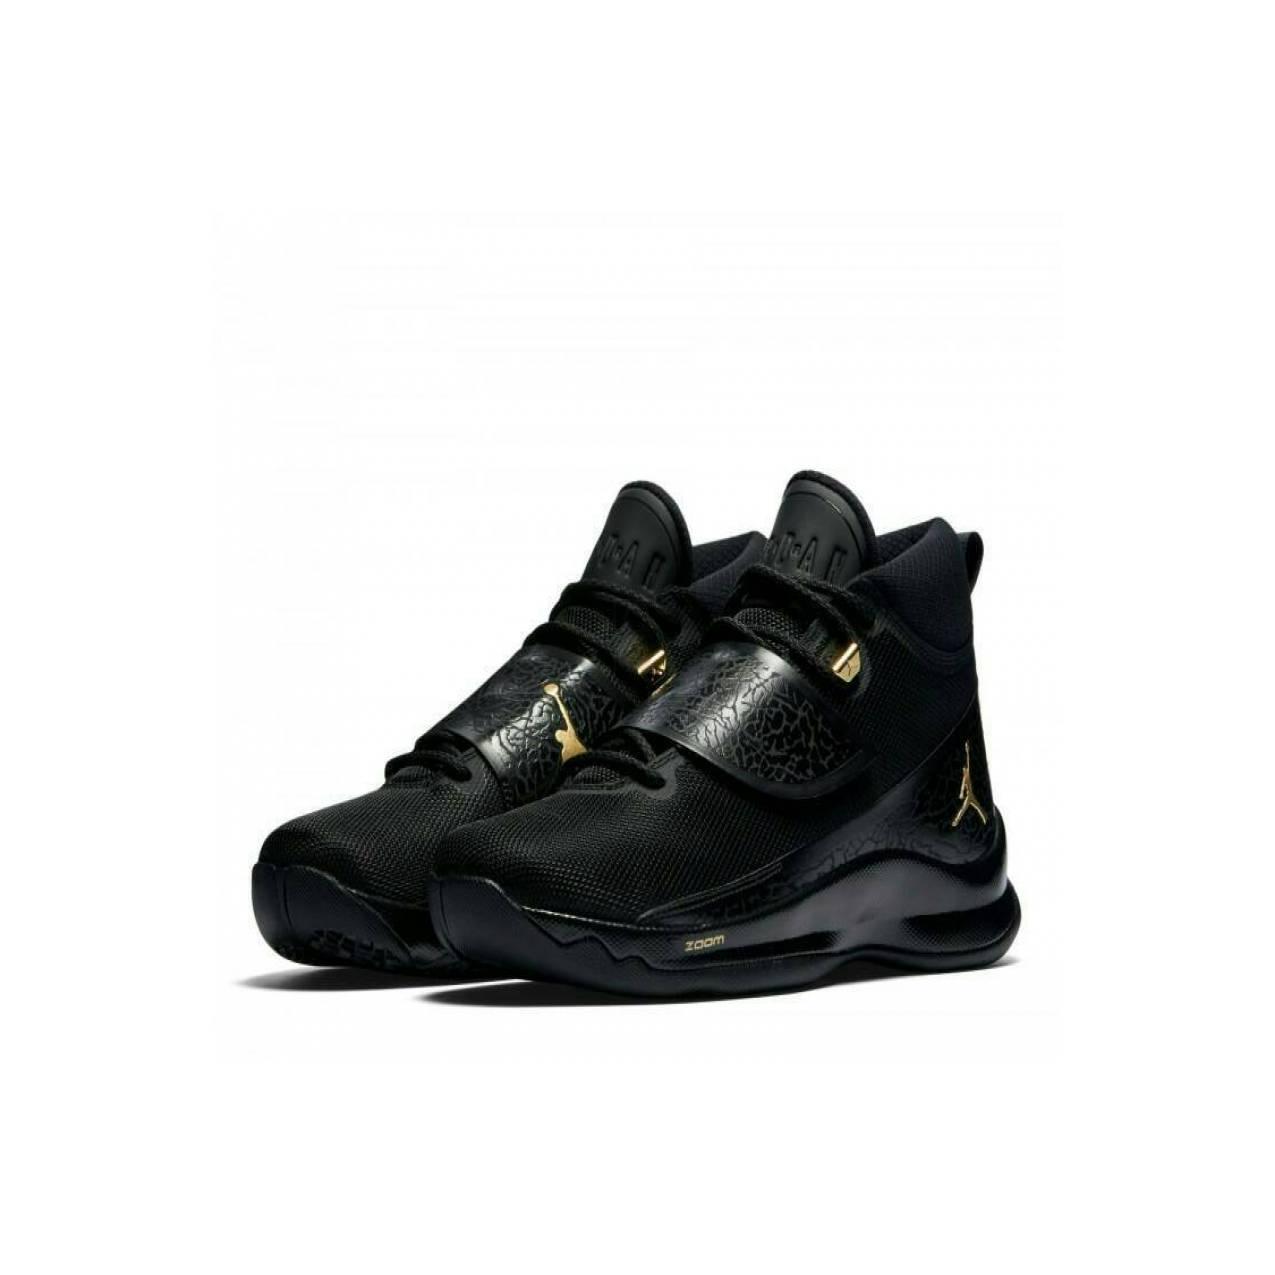 Beli Sepatu Nike Jordan Original Basket Superfly 5 Po 2017 Men 914478015